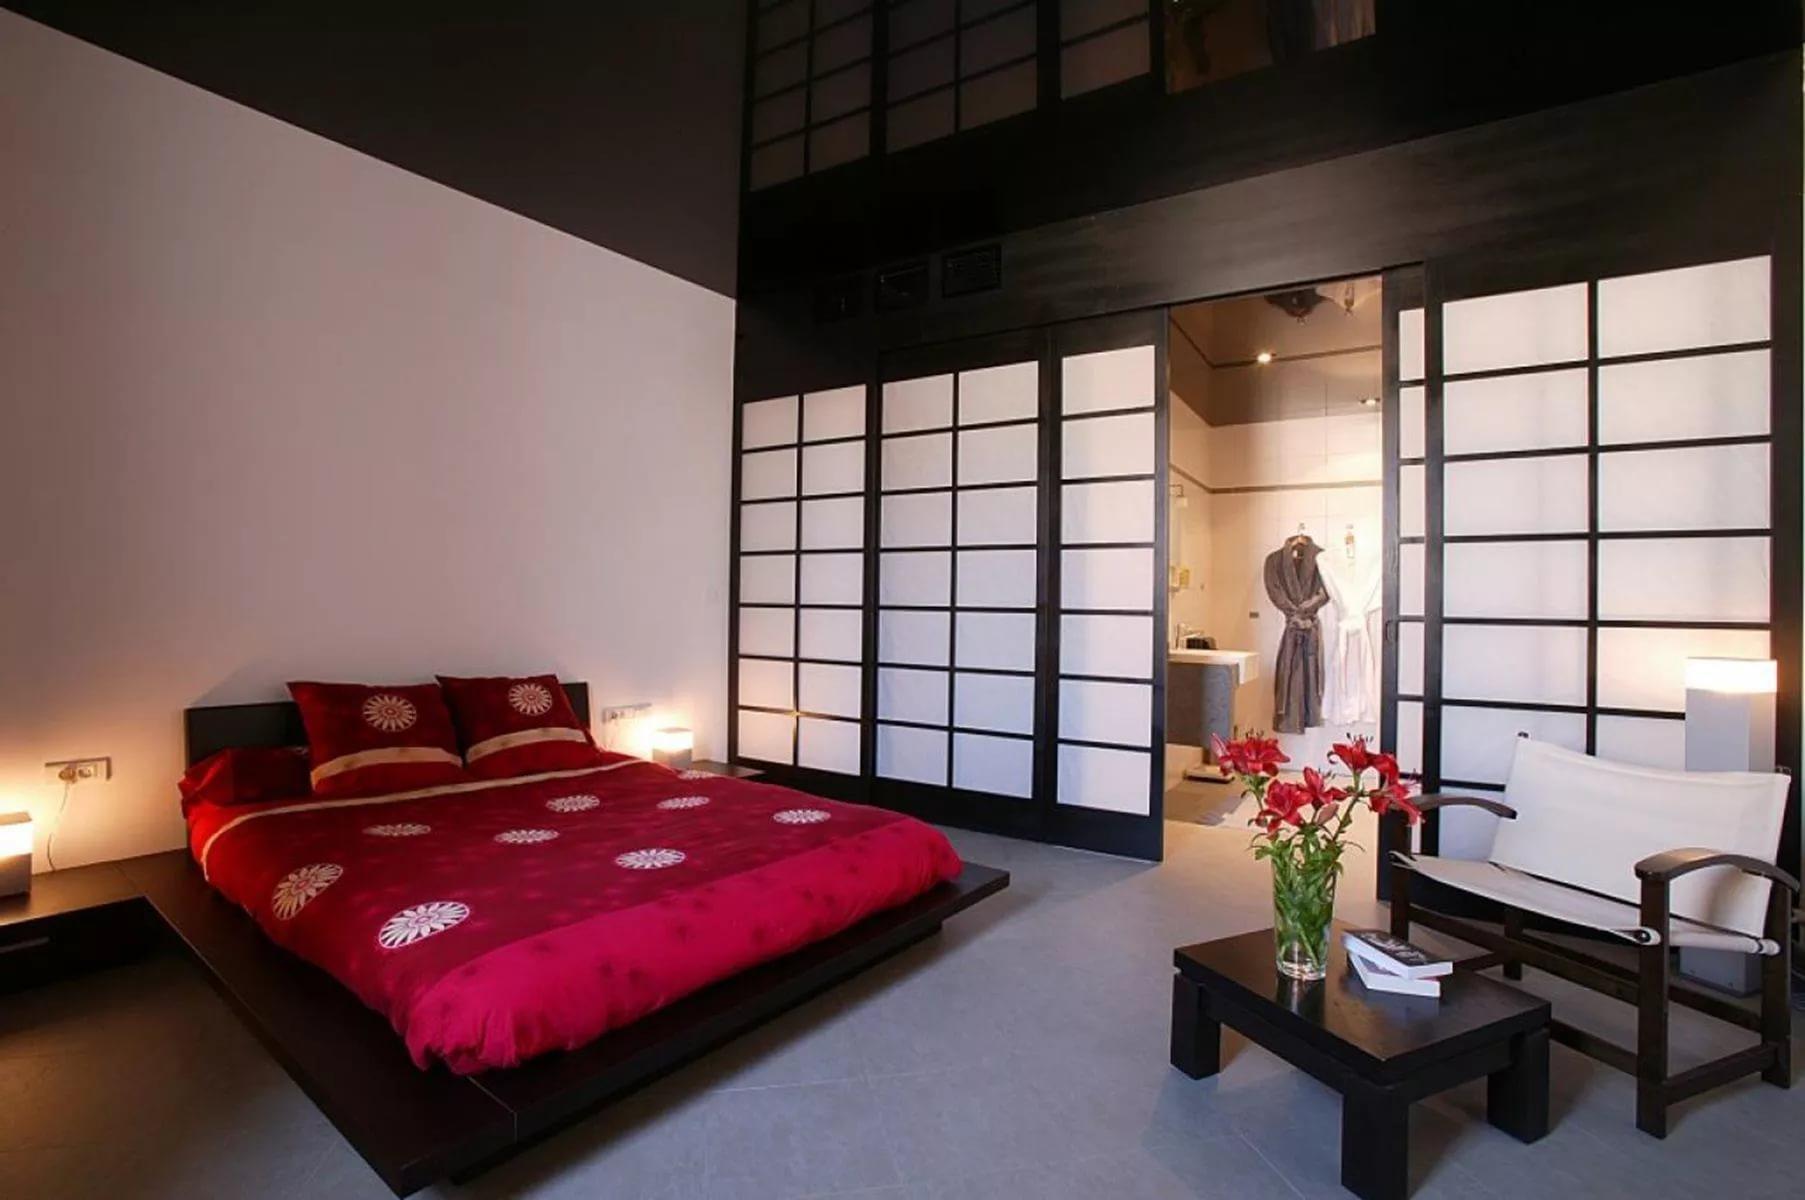 интерьер спальной комнаты по фен-шуй декор фото